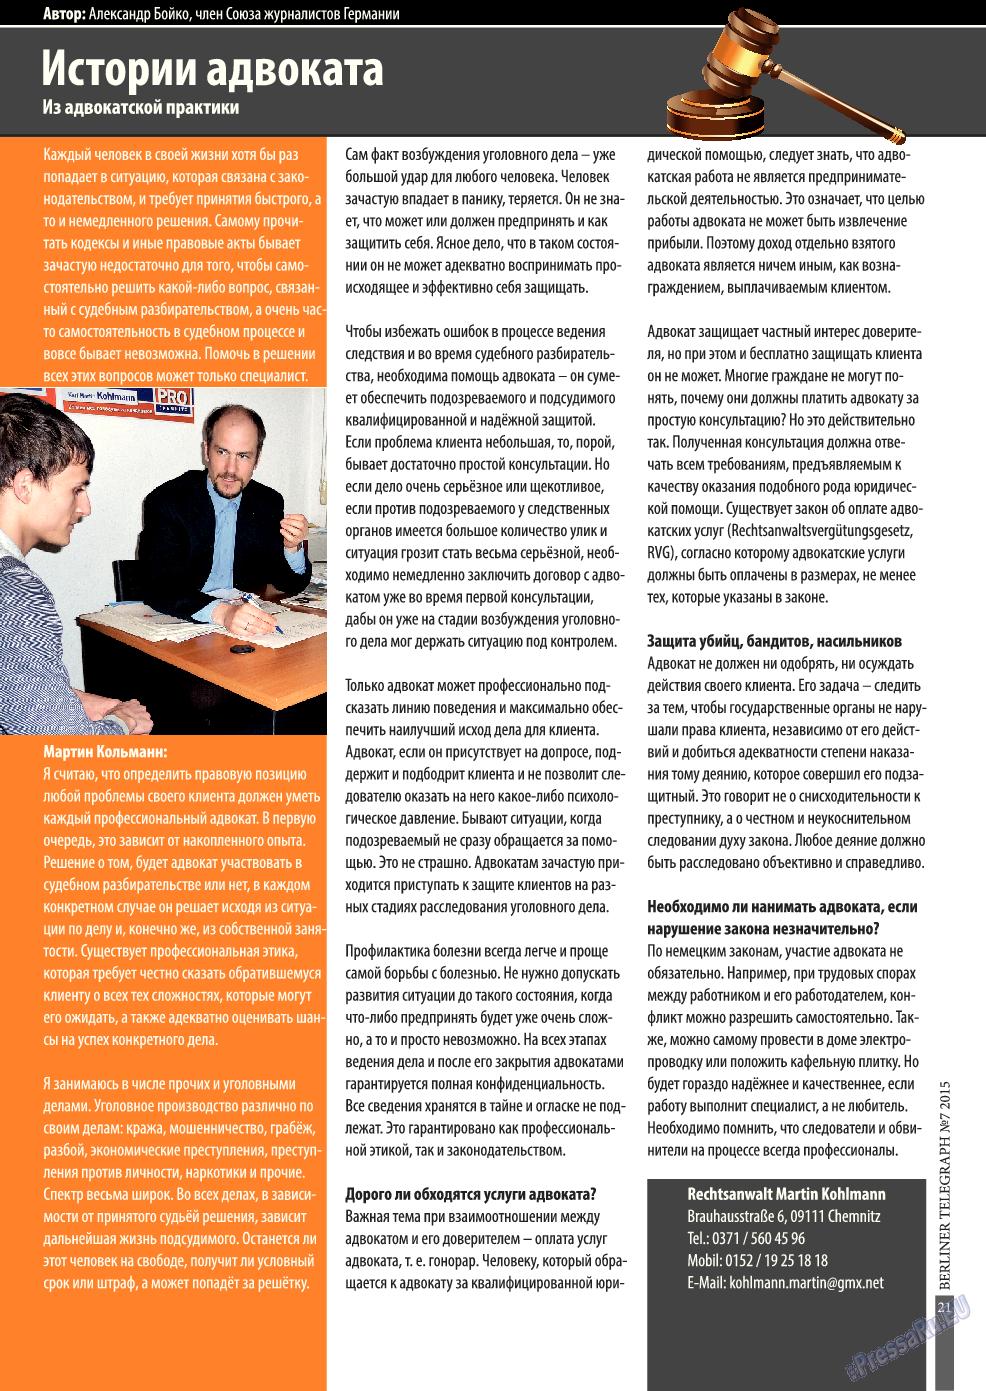 Берлинский телеграф (журнал). 2015 год, номер 8, стр. 21